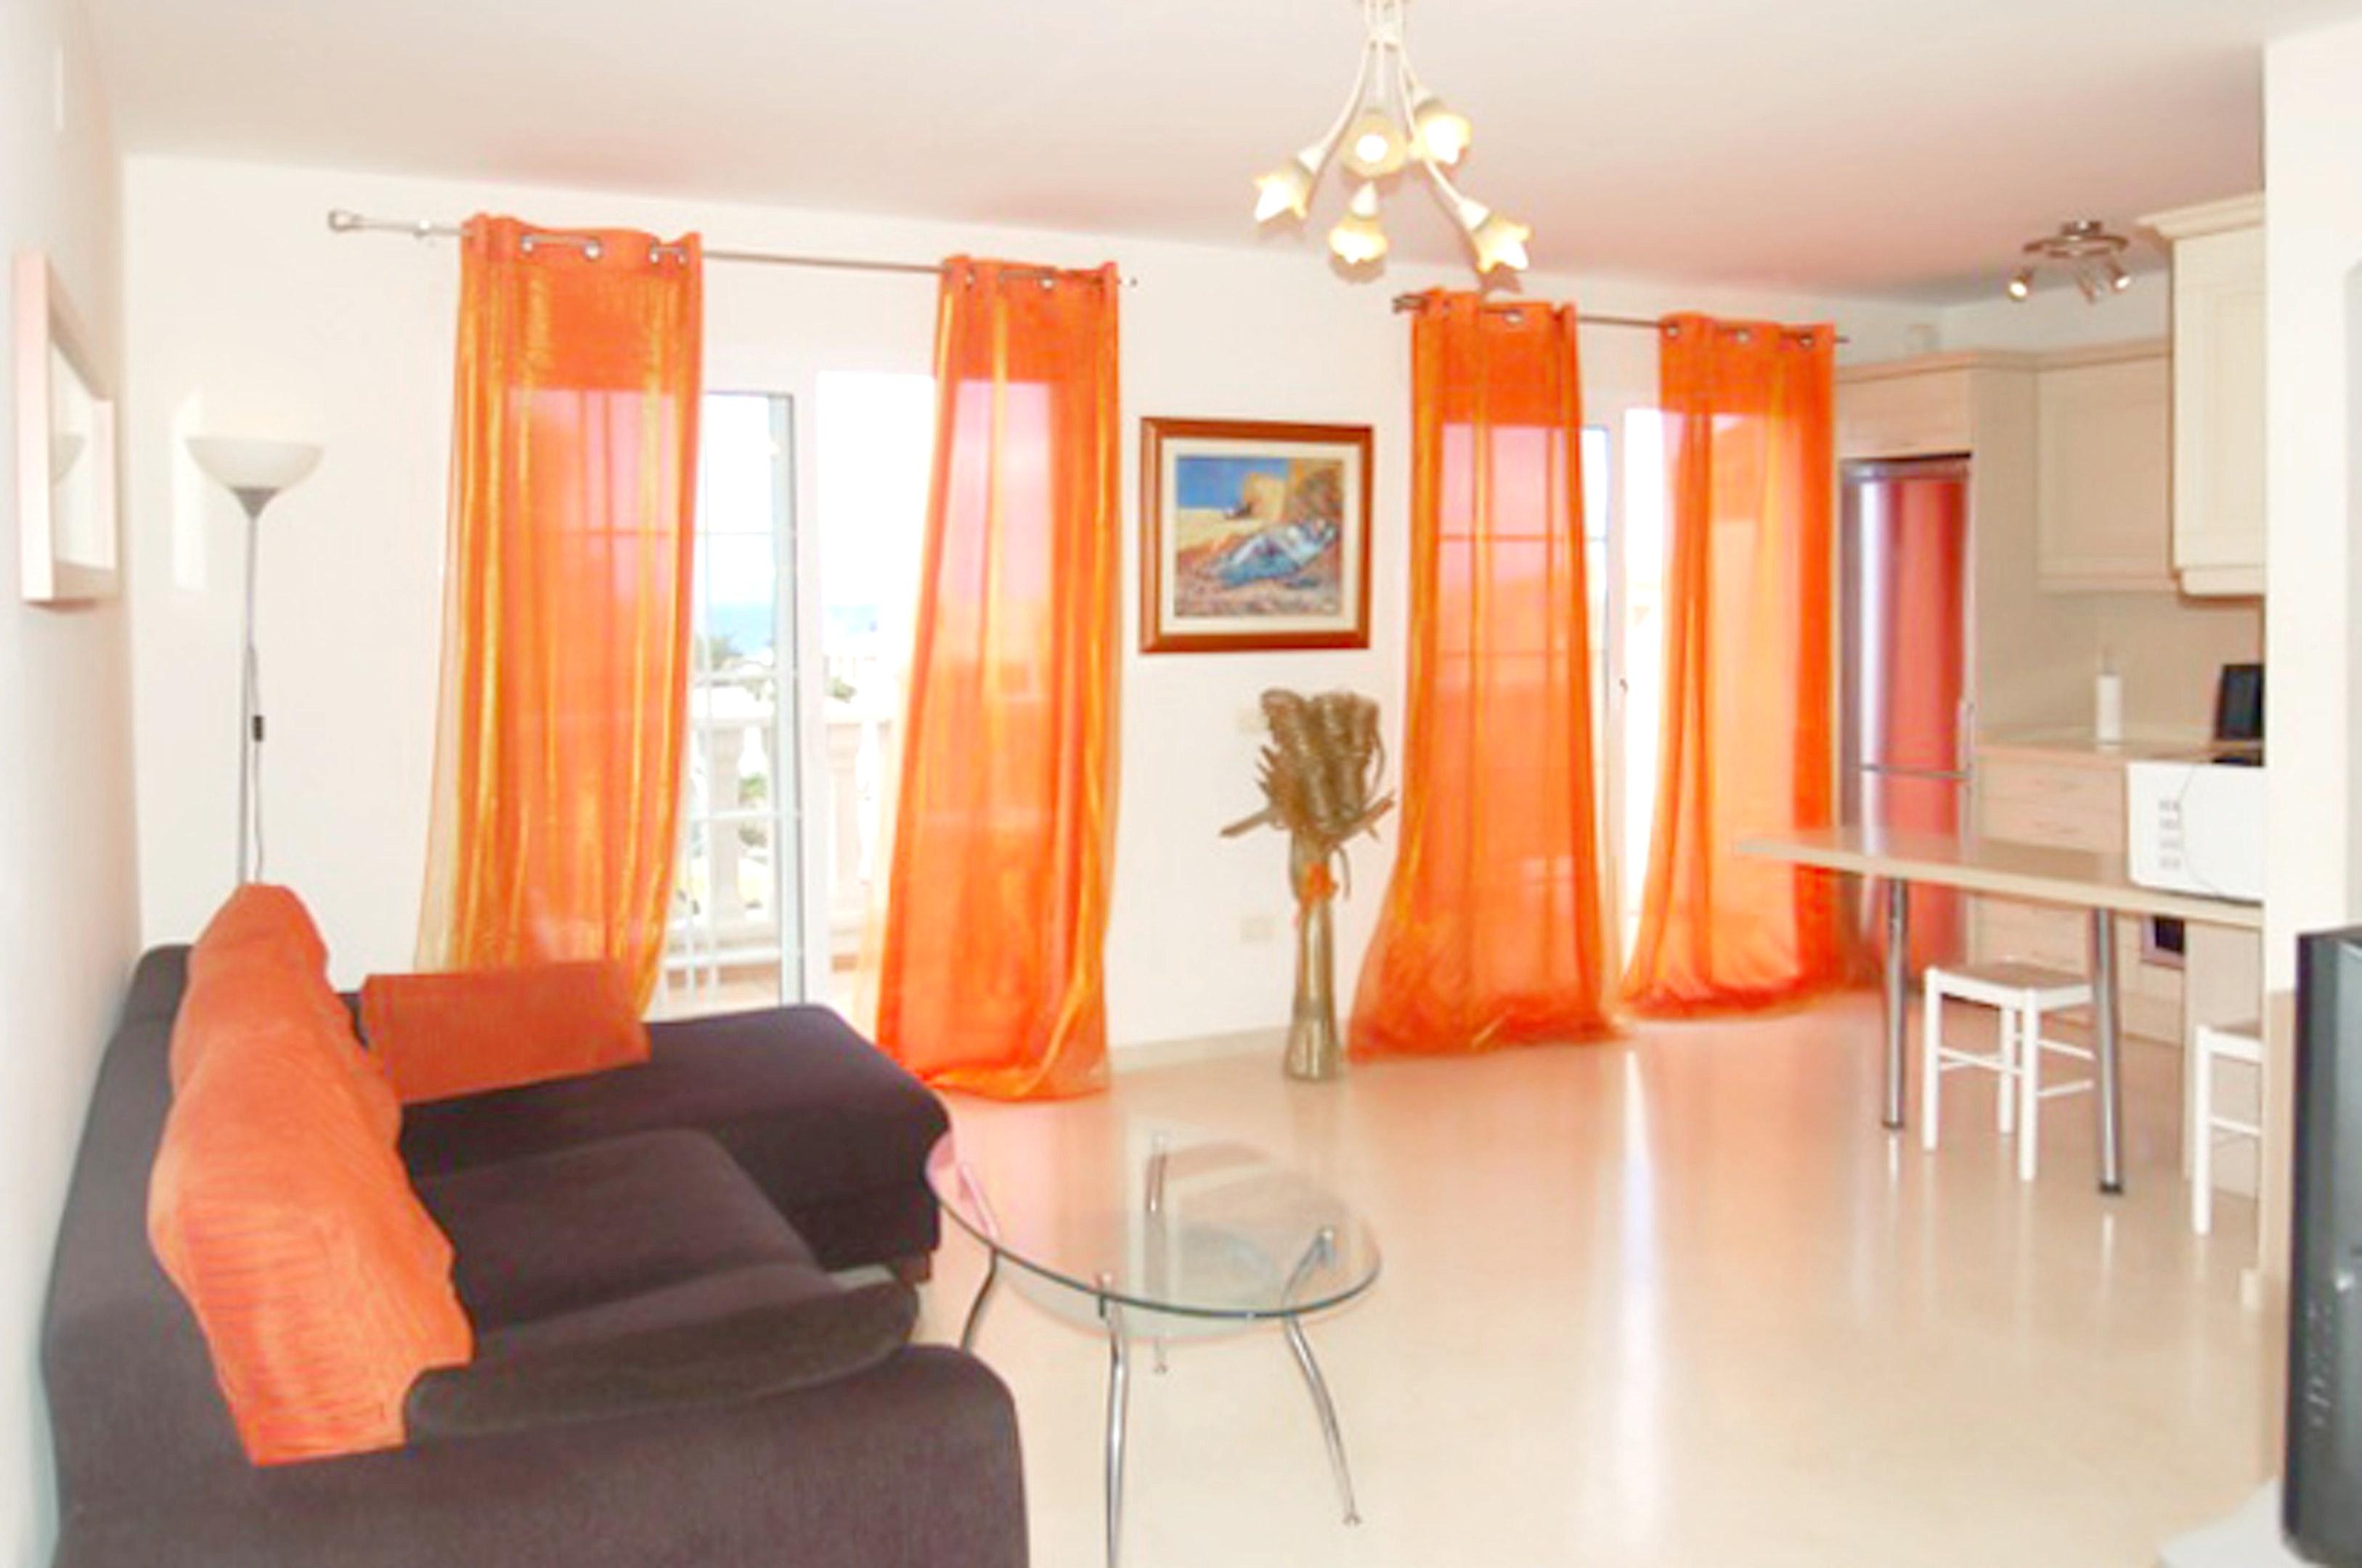 Appartement de vacances Wohnung mit 2 Schlafzimmern in Palm-Mar mit Pool, möblierter Terrasse und W-LAN - 800 m vo (2201692), Palm-Mar, Ténérife, Iles Canaries, Espagne, image 6